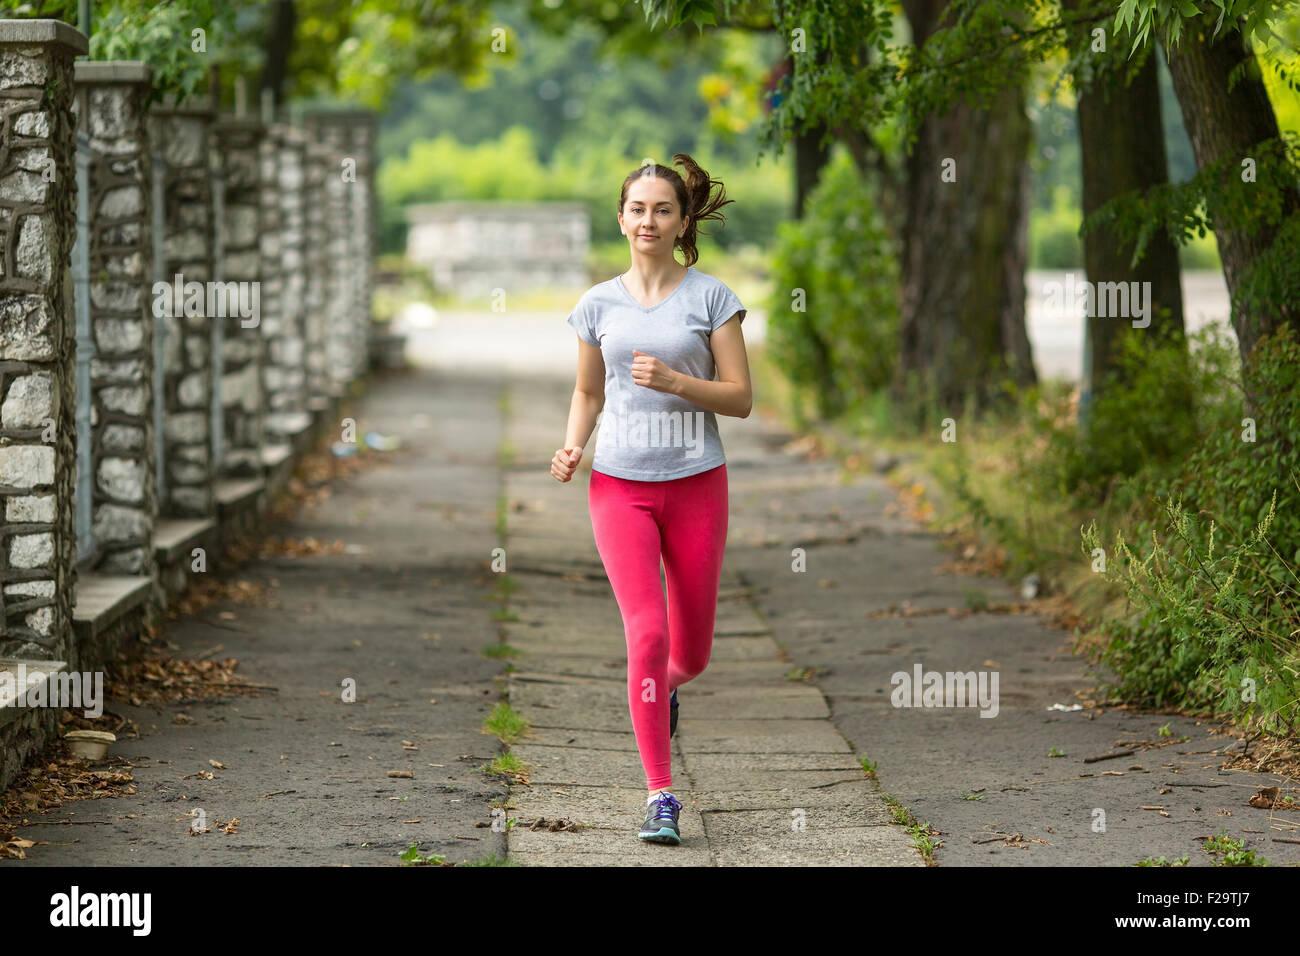 In esecuzione. Giovane donna Jogging nel parco. Morning jog. Uno stile di vita sano. Immagini Stock